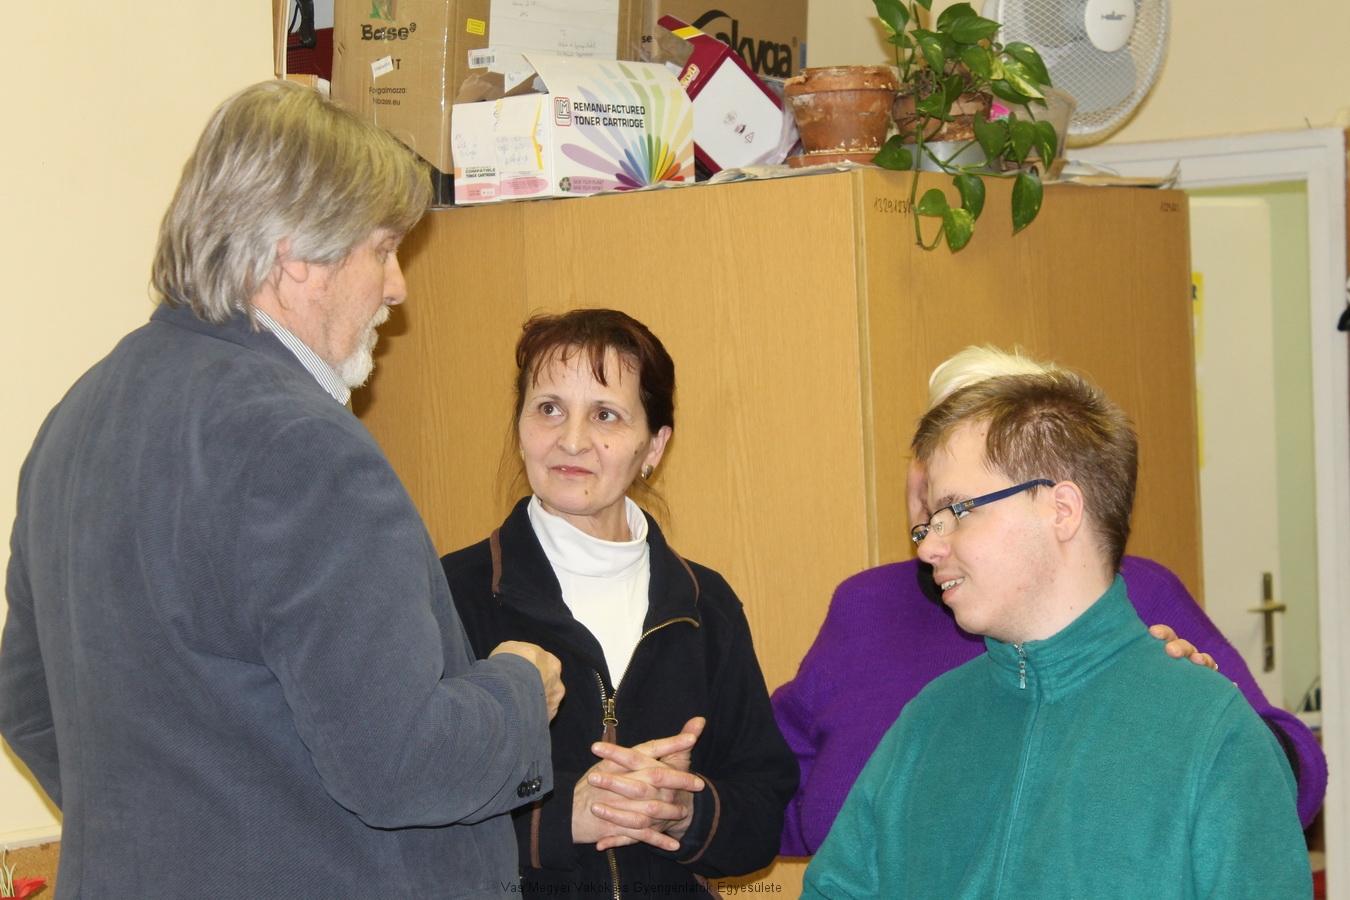 Márkus Árpád elmondja Csiszár Tamásnak és anyukájának, hogy a LIONS klub figyelemmel kíséri azokat a látássérült fiatalokat, akik valamilyen kiemelkedő teljesítményt nyújtanak.